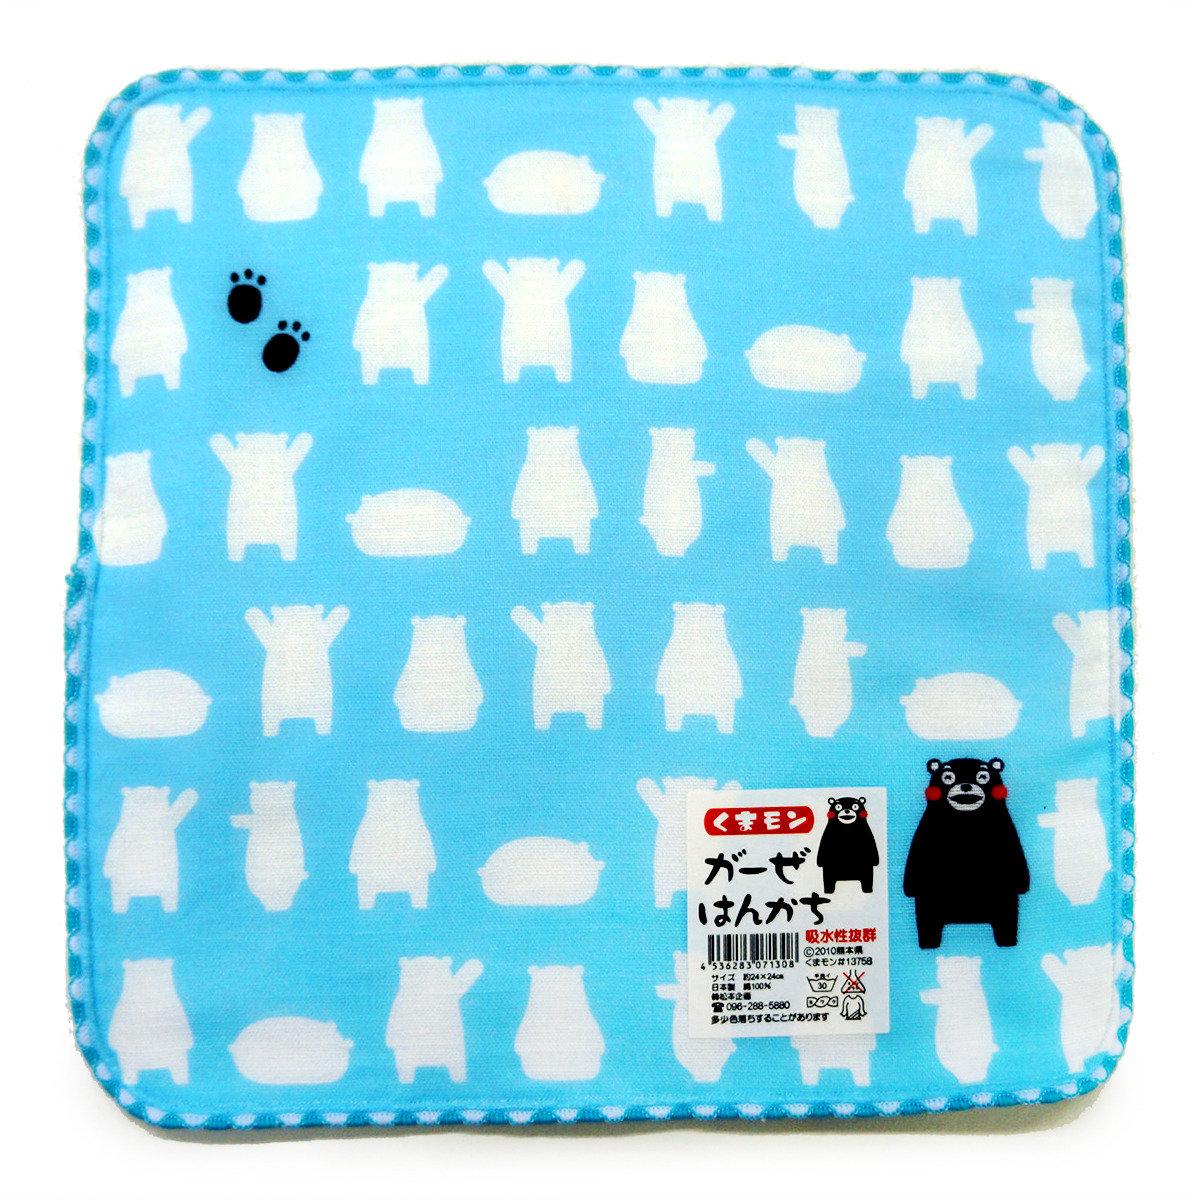 KUMAMON 柔軟小手巾 (藍)